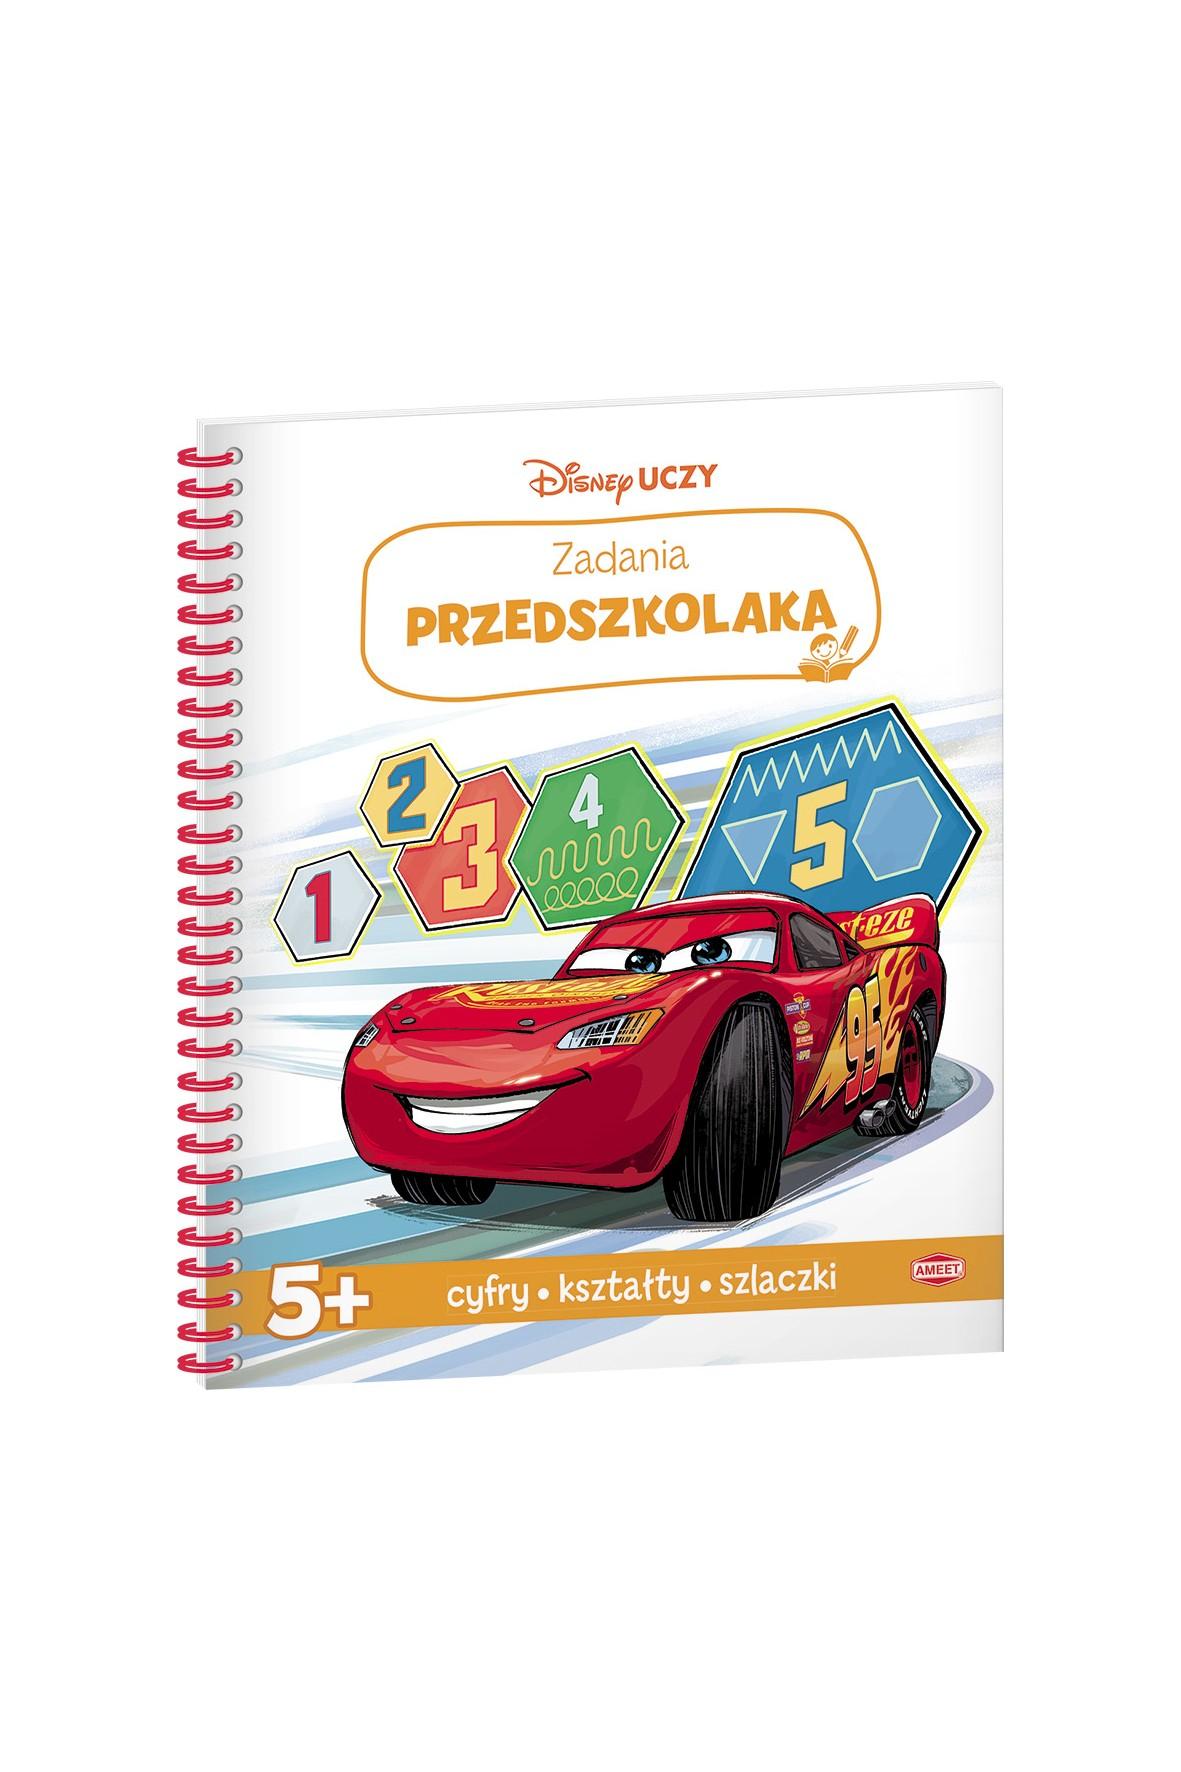 Disney uczy - Auta 3, Zadania przedszkolaka